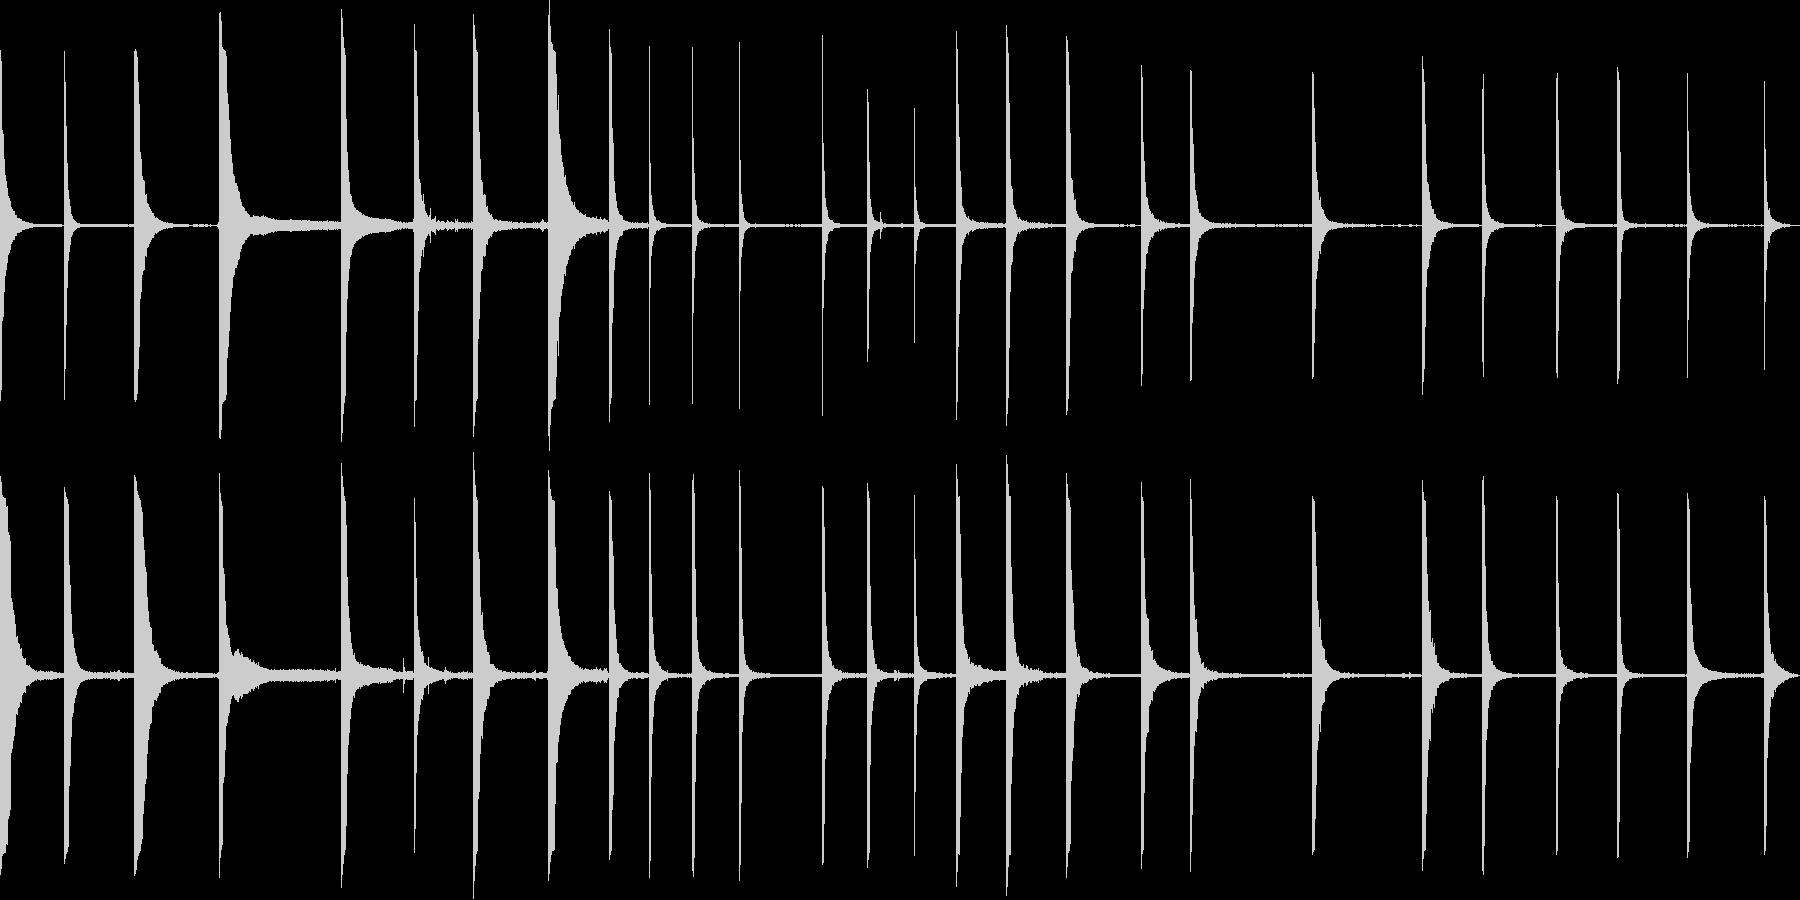 さまざまな金属クランクpingの未再生の波形